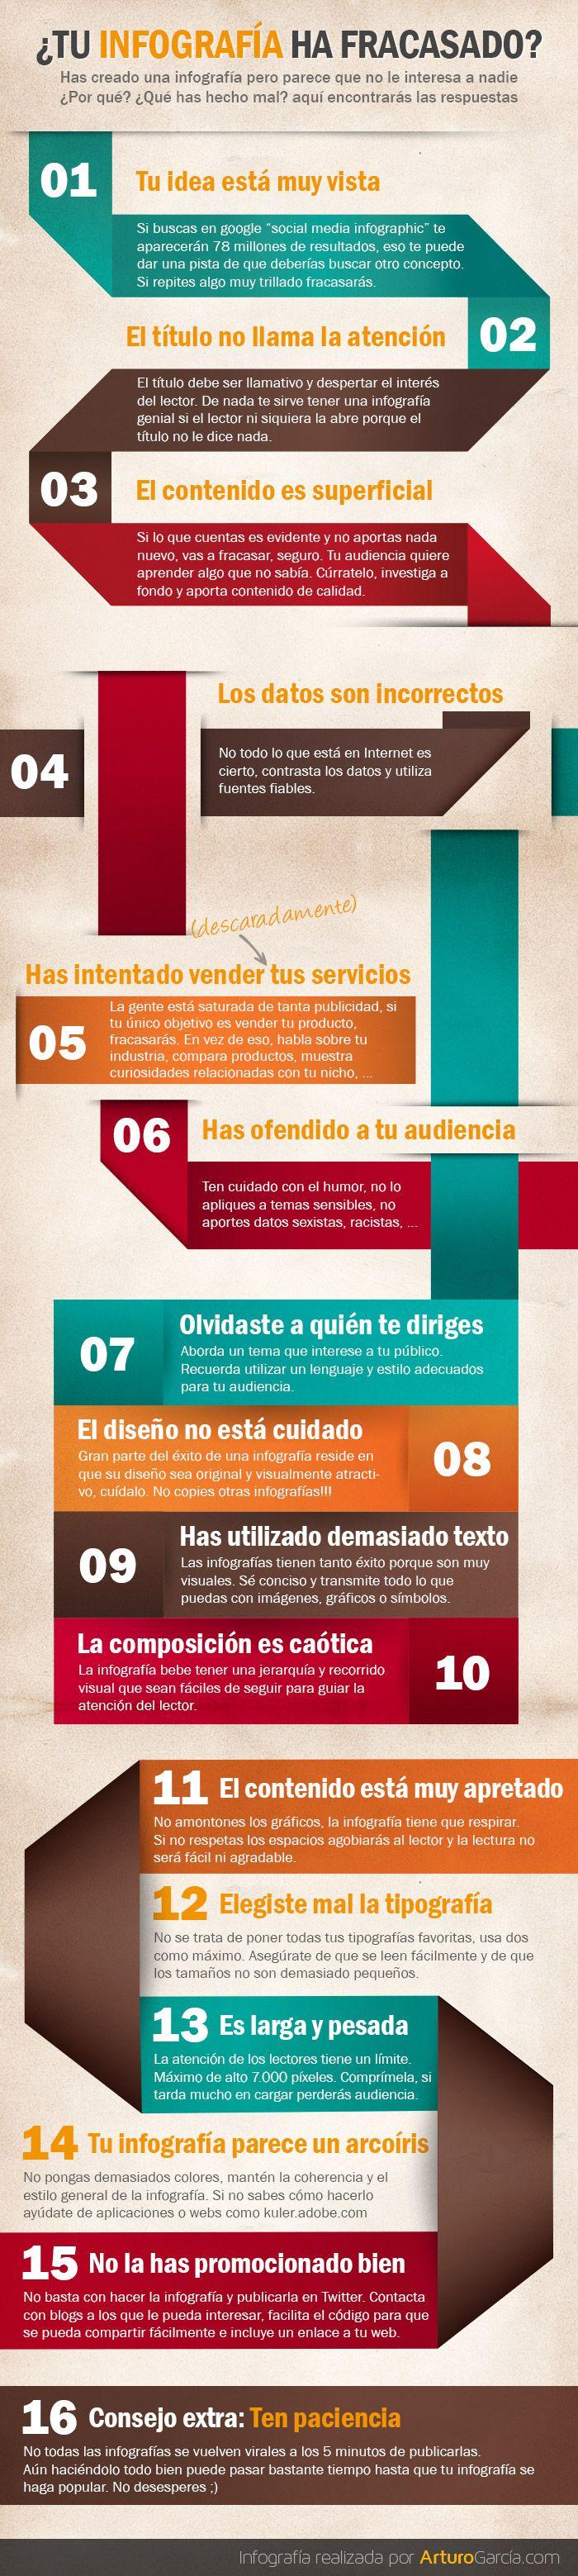 15 cosas que debes evitar si quieres que tu infografía viralice bien [Infografía] - TreceBits